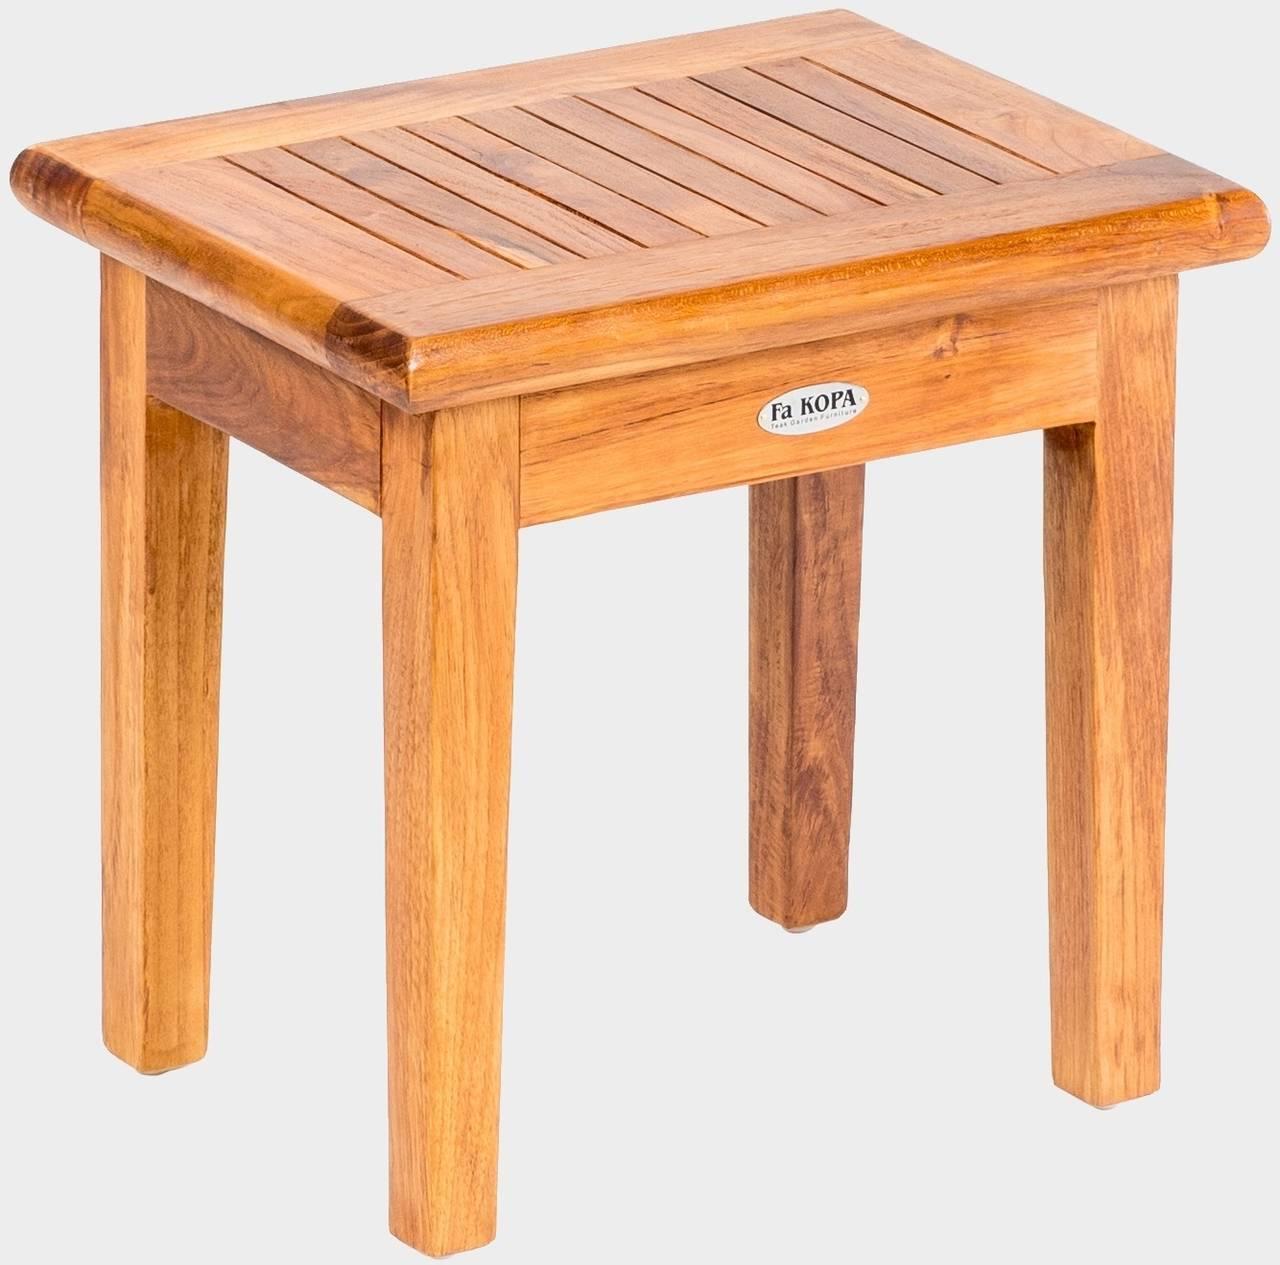 Teaková stolička PAOLO